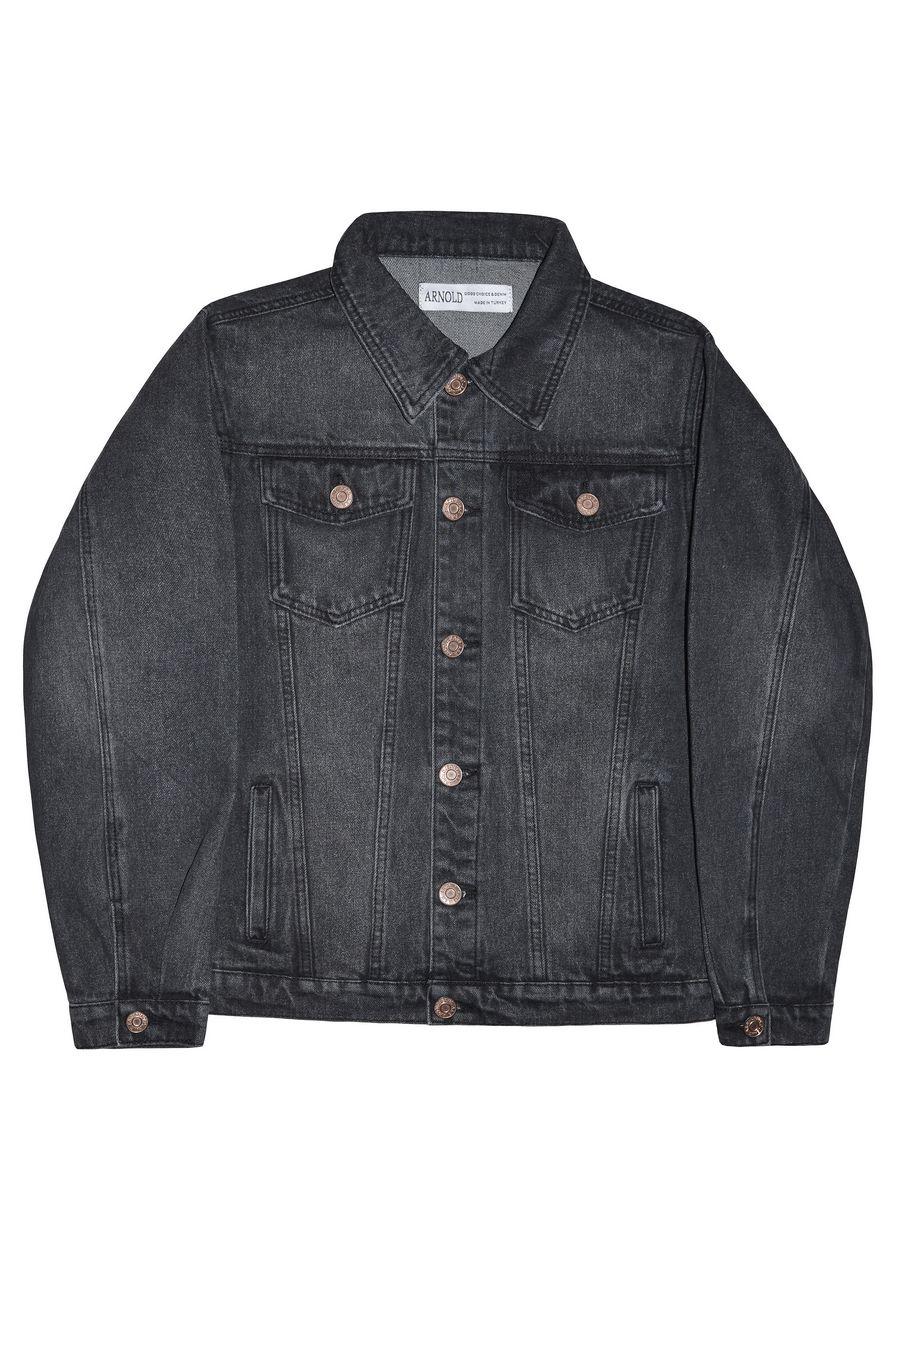 Пиджак мужской (джинсовка) Arnold 5709B - фото 5